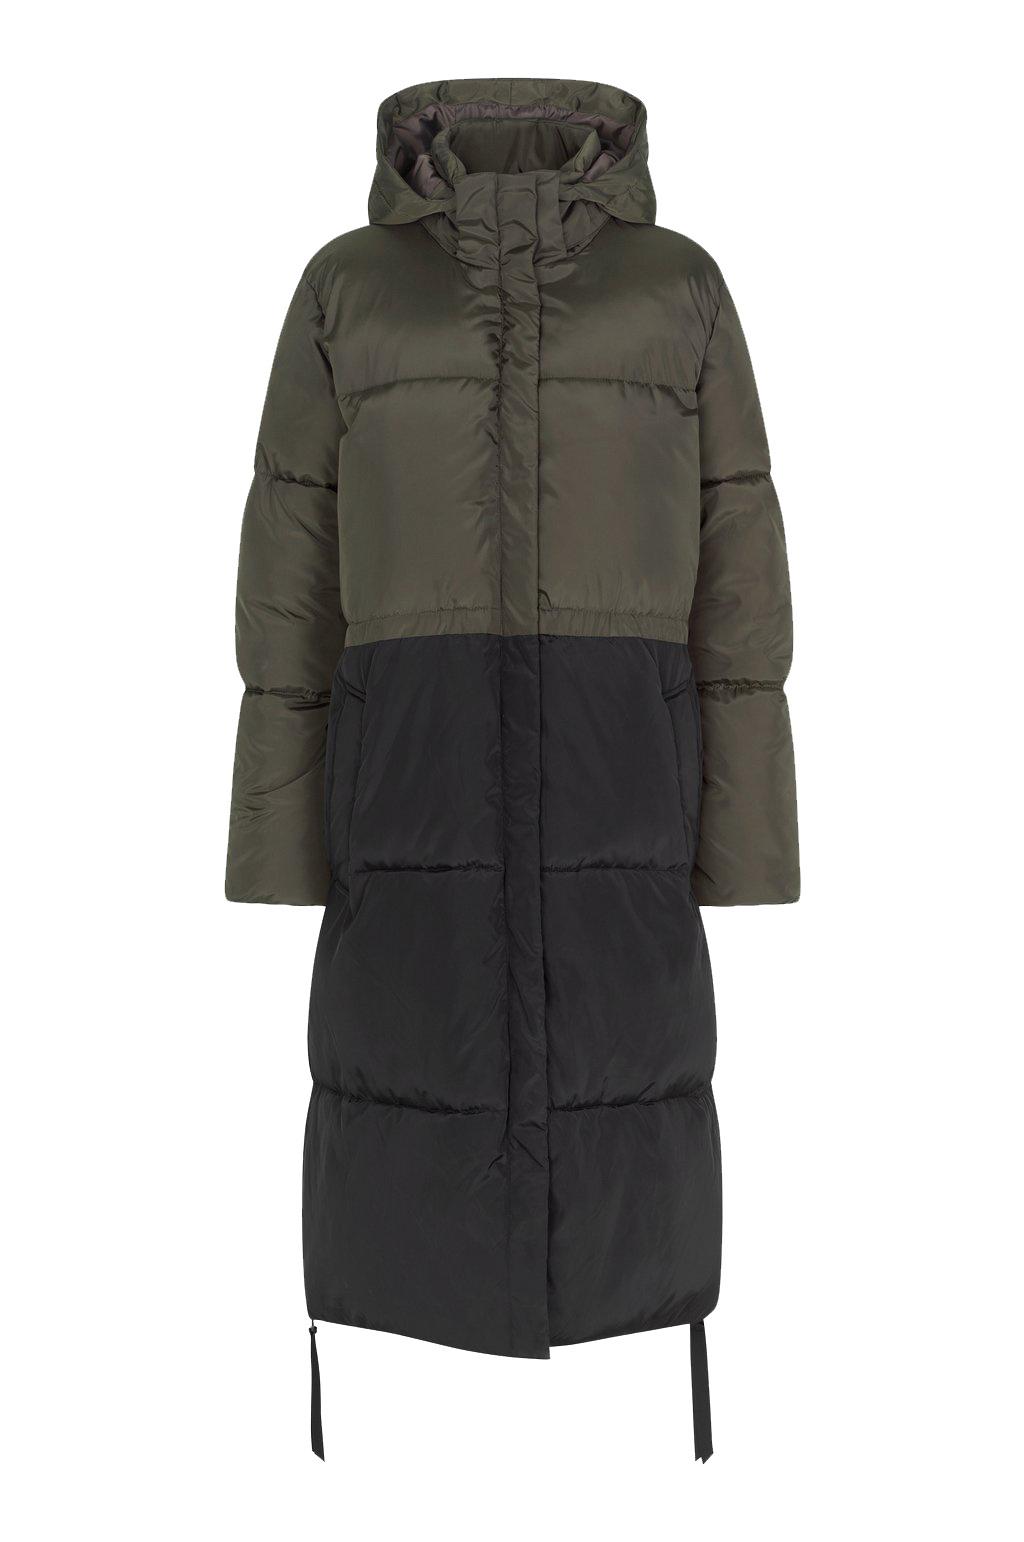 Buffie New Coat - Wren-1